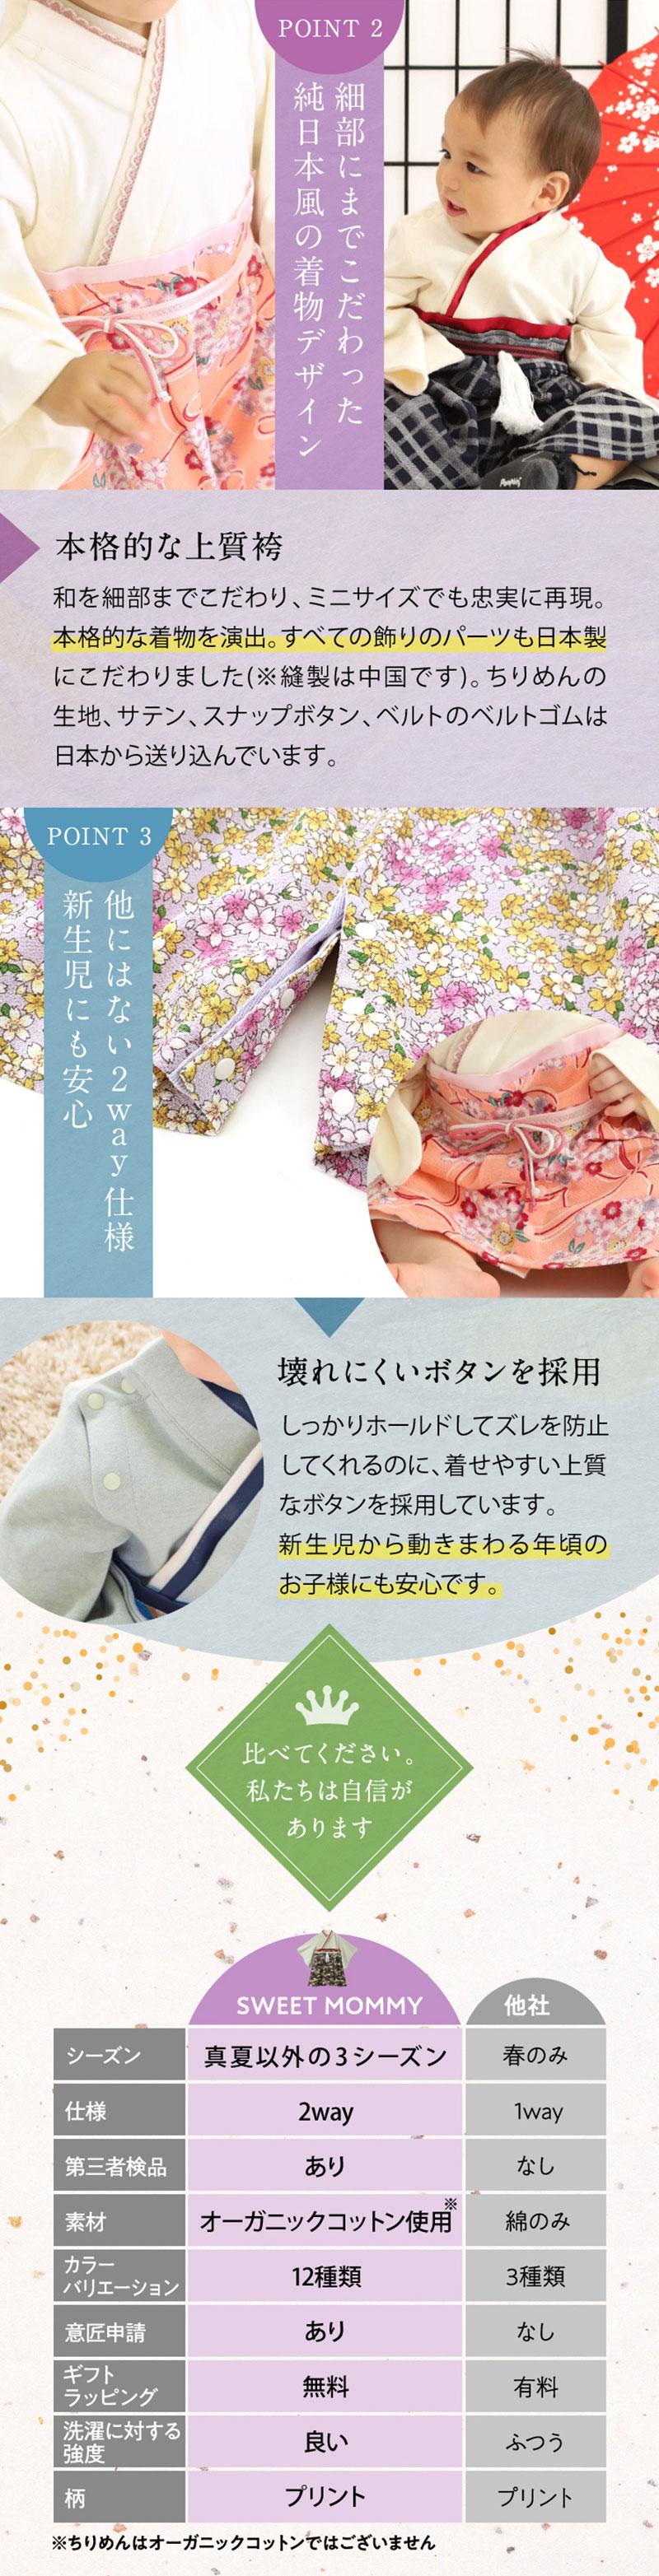 七五三 衣装 袴オール 赤ちゃん 新生児 ベビー ベビー服 着物